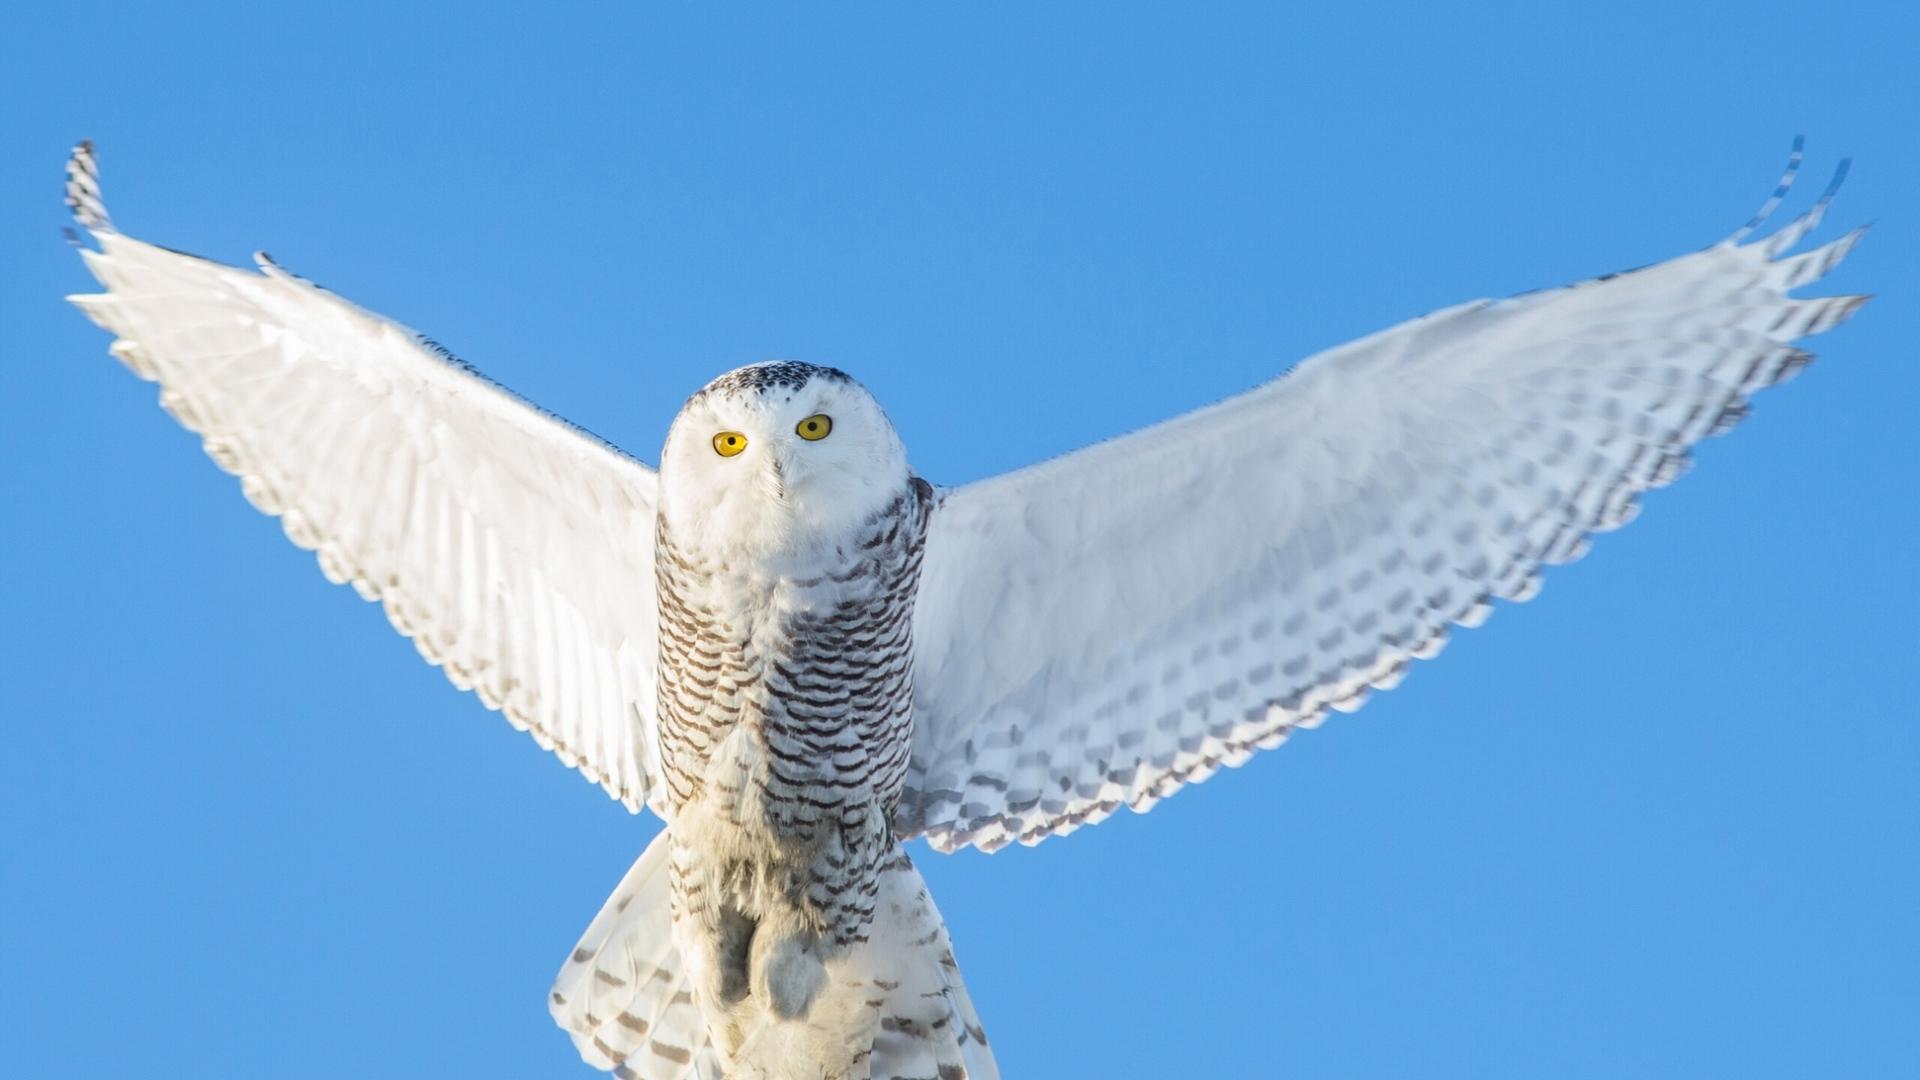 Sky Owl Background Image